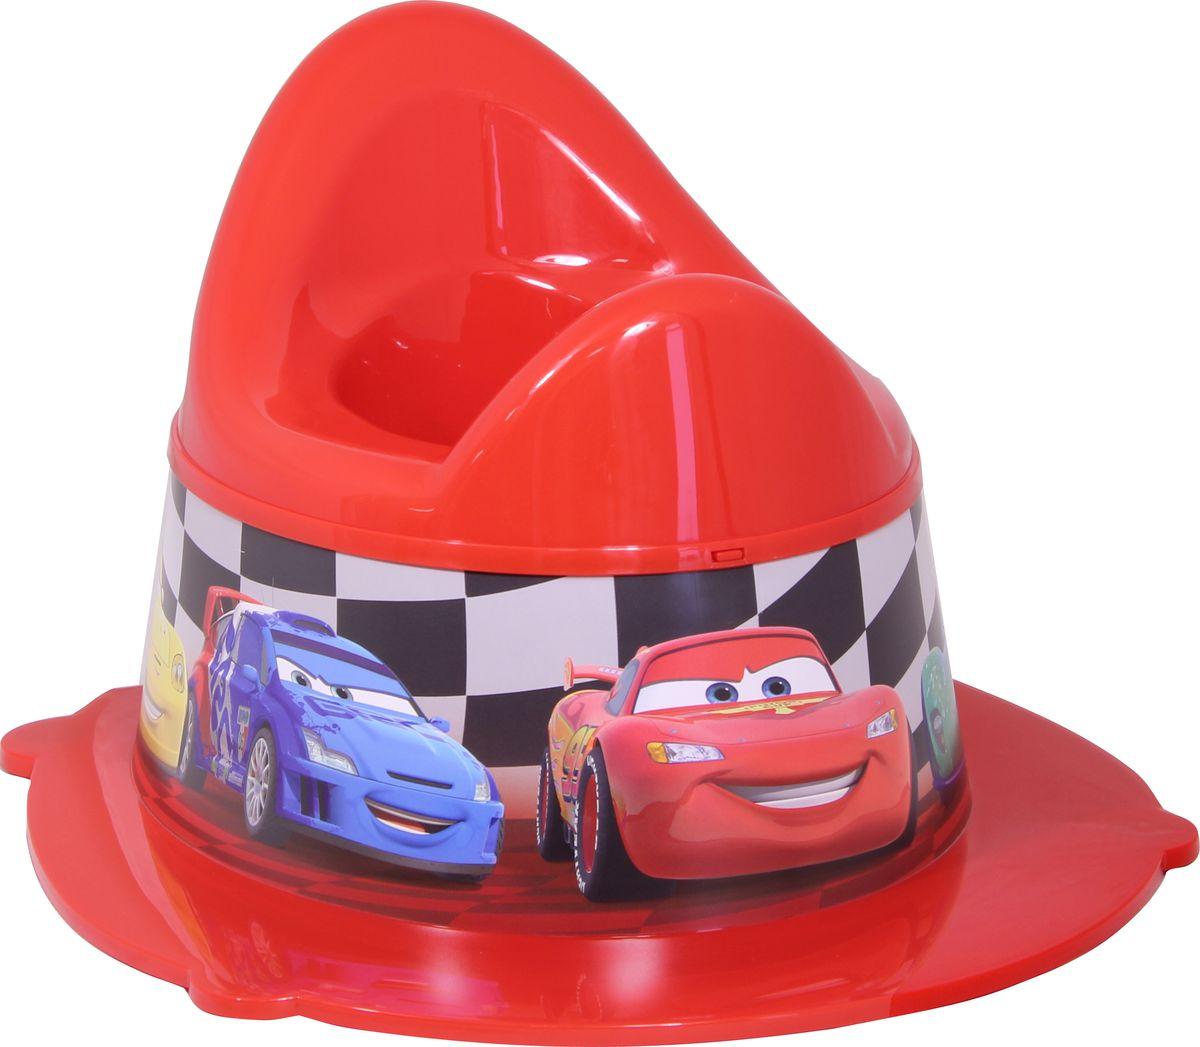 Disney Горшок детский Деко цвет красный -  Горшки и адаптеры для унитаза